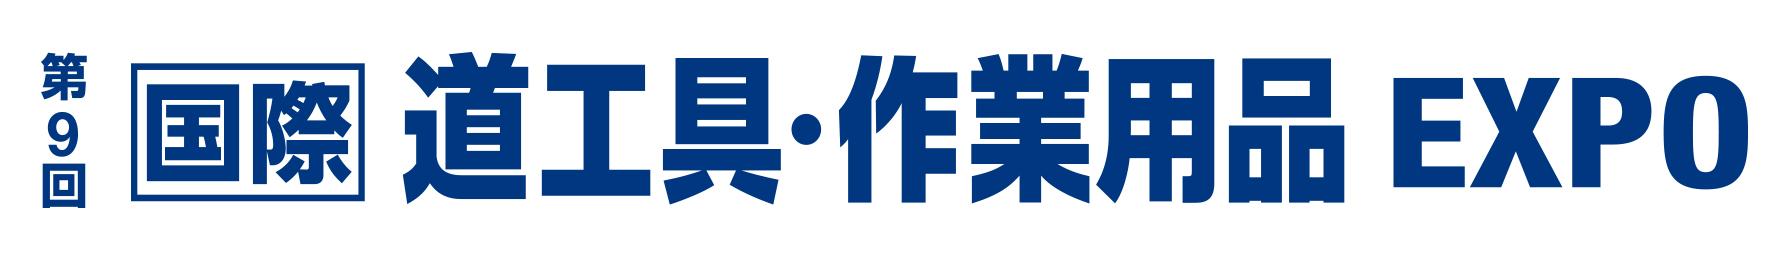 第8回 国際 道工具・作業用品EXPO